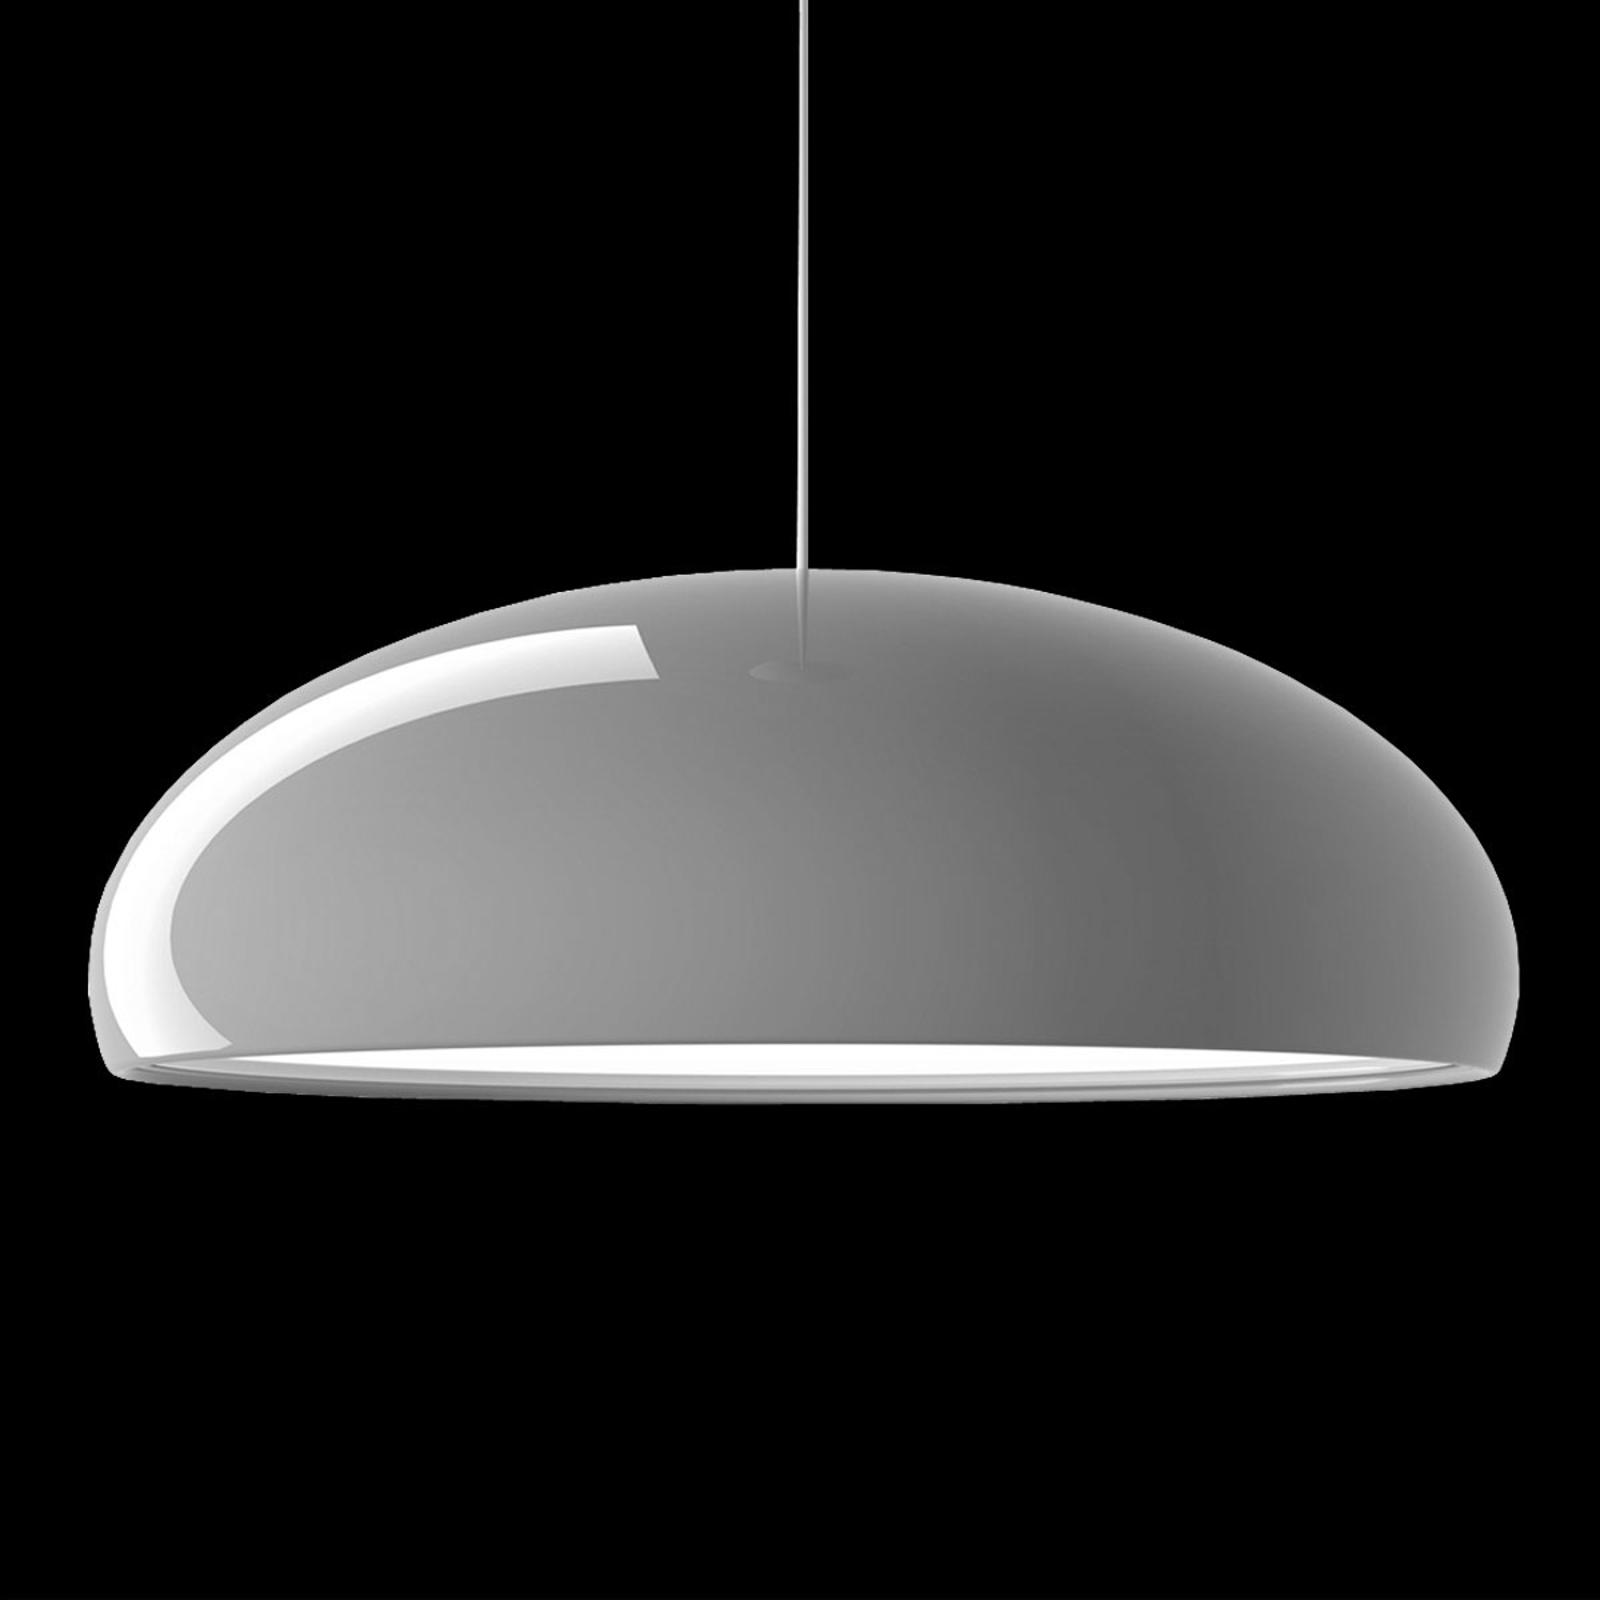 Lampa wisząca PANGEN w stylu retro, czarna